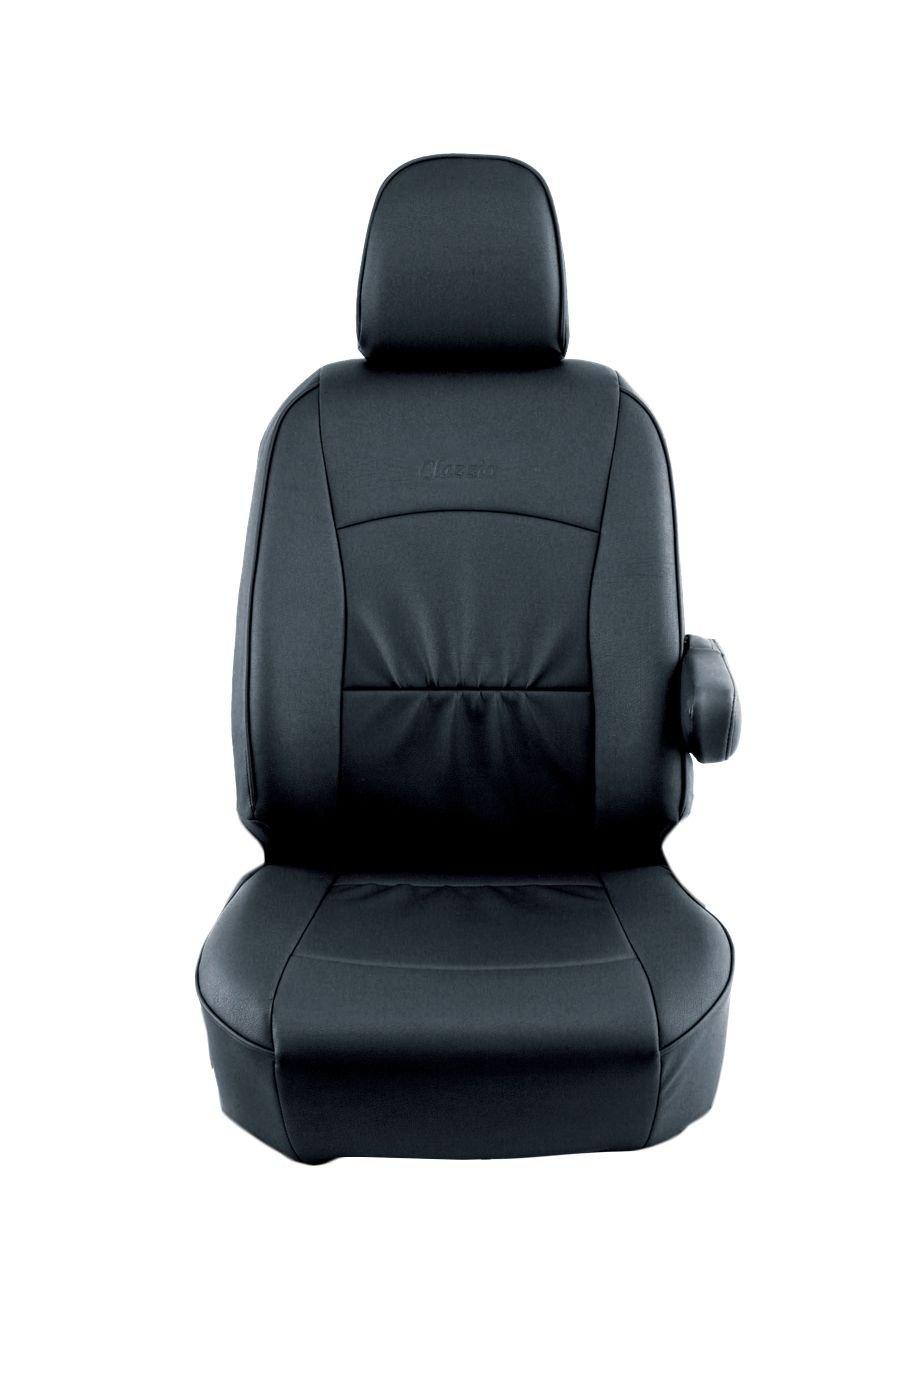 クラッツィオ (Clazzio) シートカバー【 クラッツィオ S 】三菱 eKワゴン/日産 オッティ H81W/H91W (ブラック) EM-0790 B009Q3I2ZC ブラック ブラック